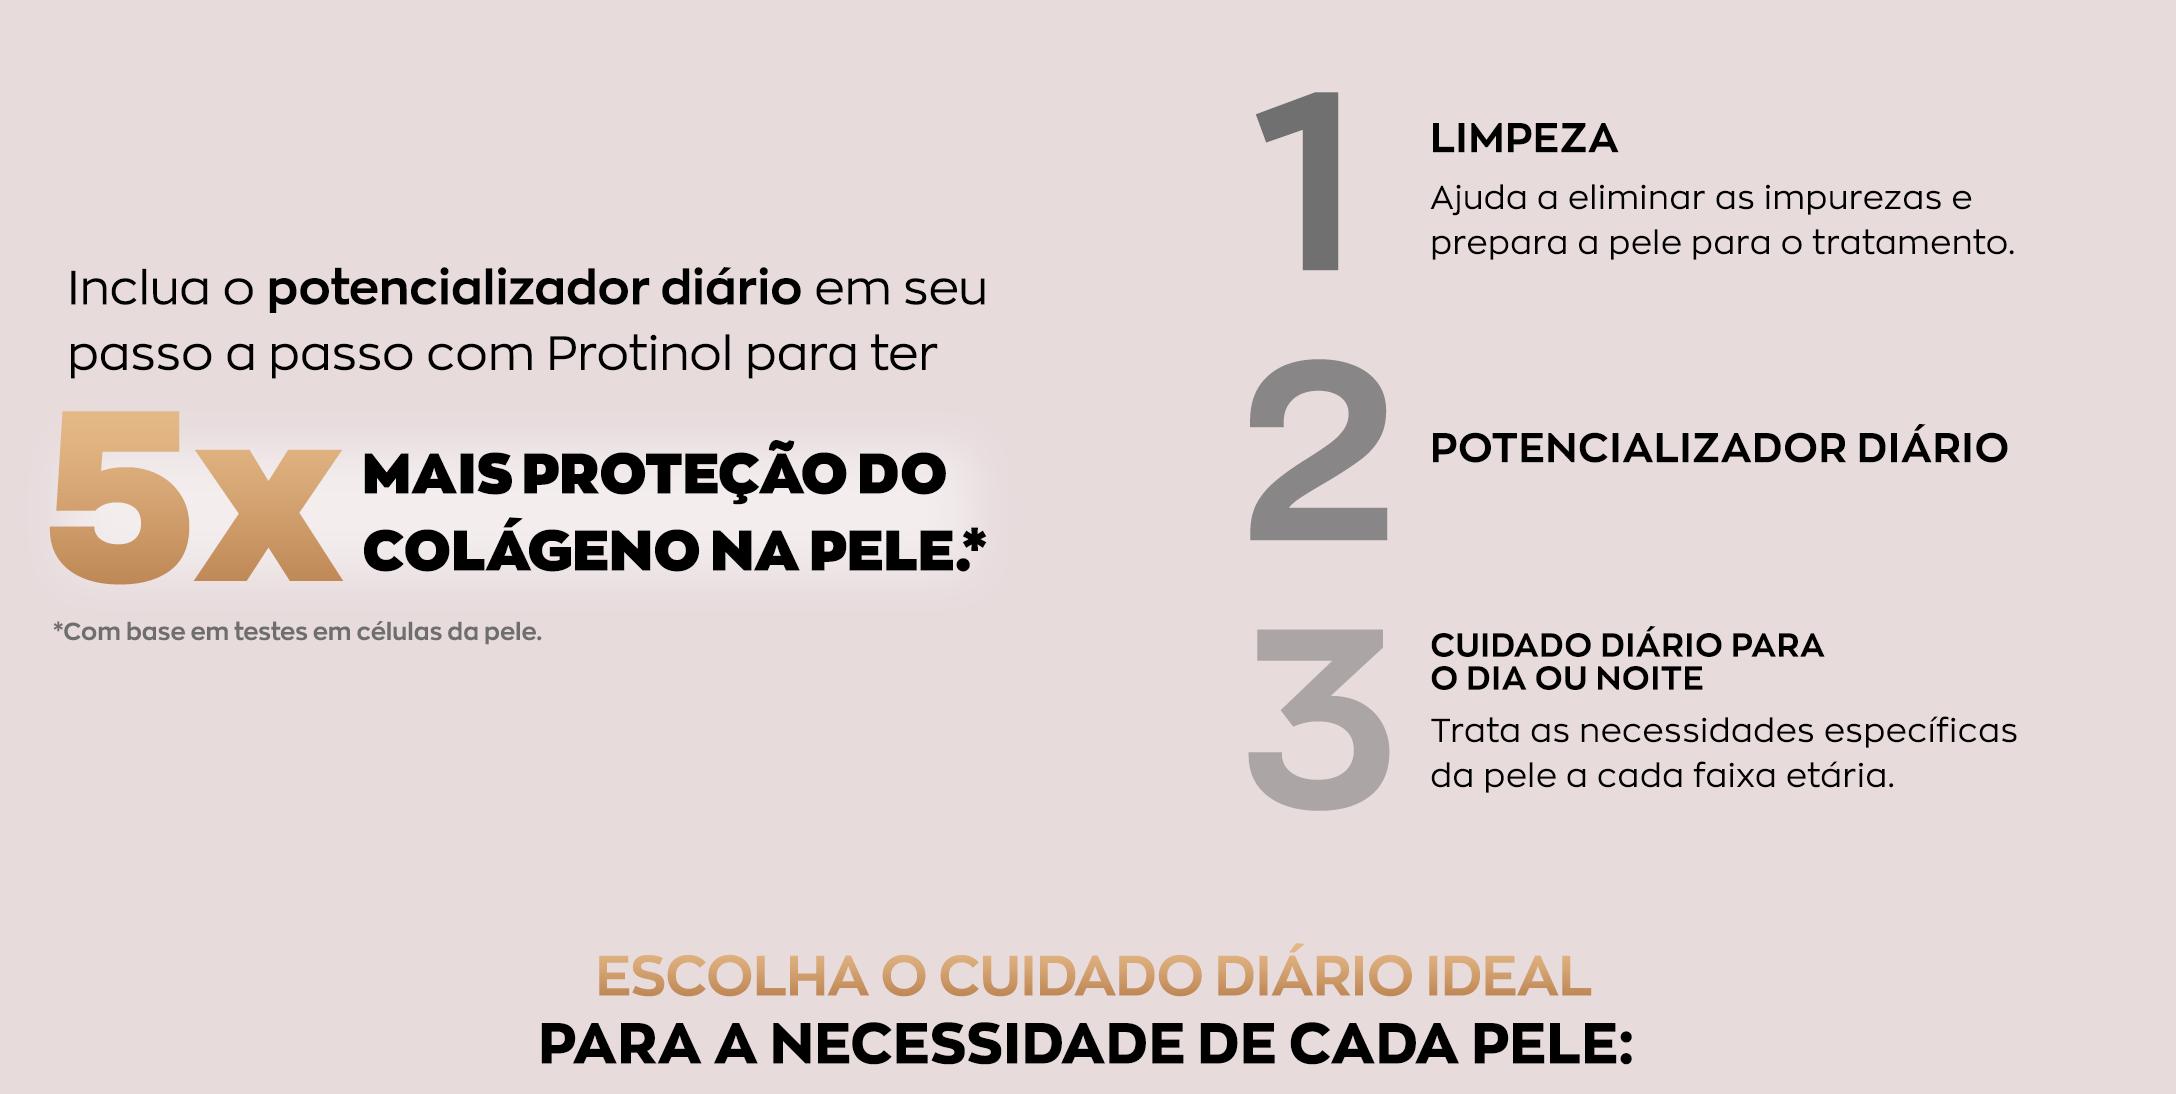 Banner Potencializador Diario